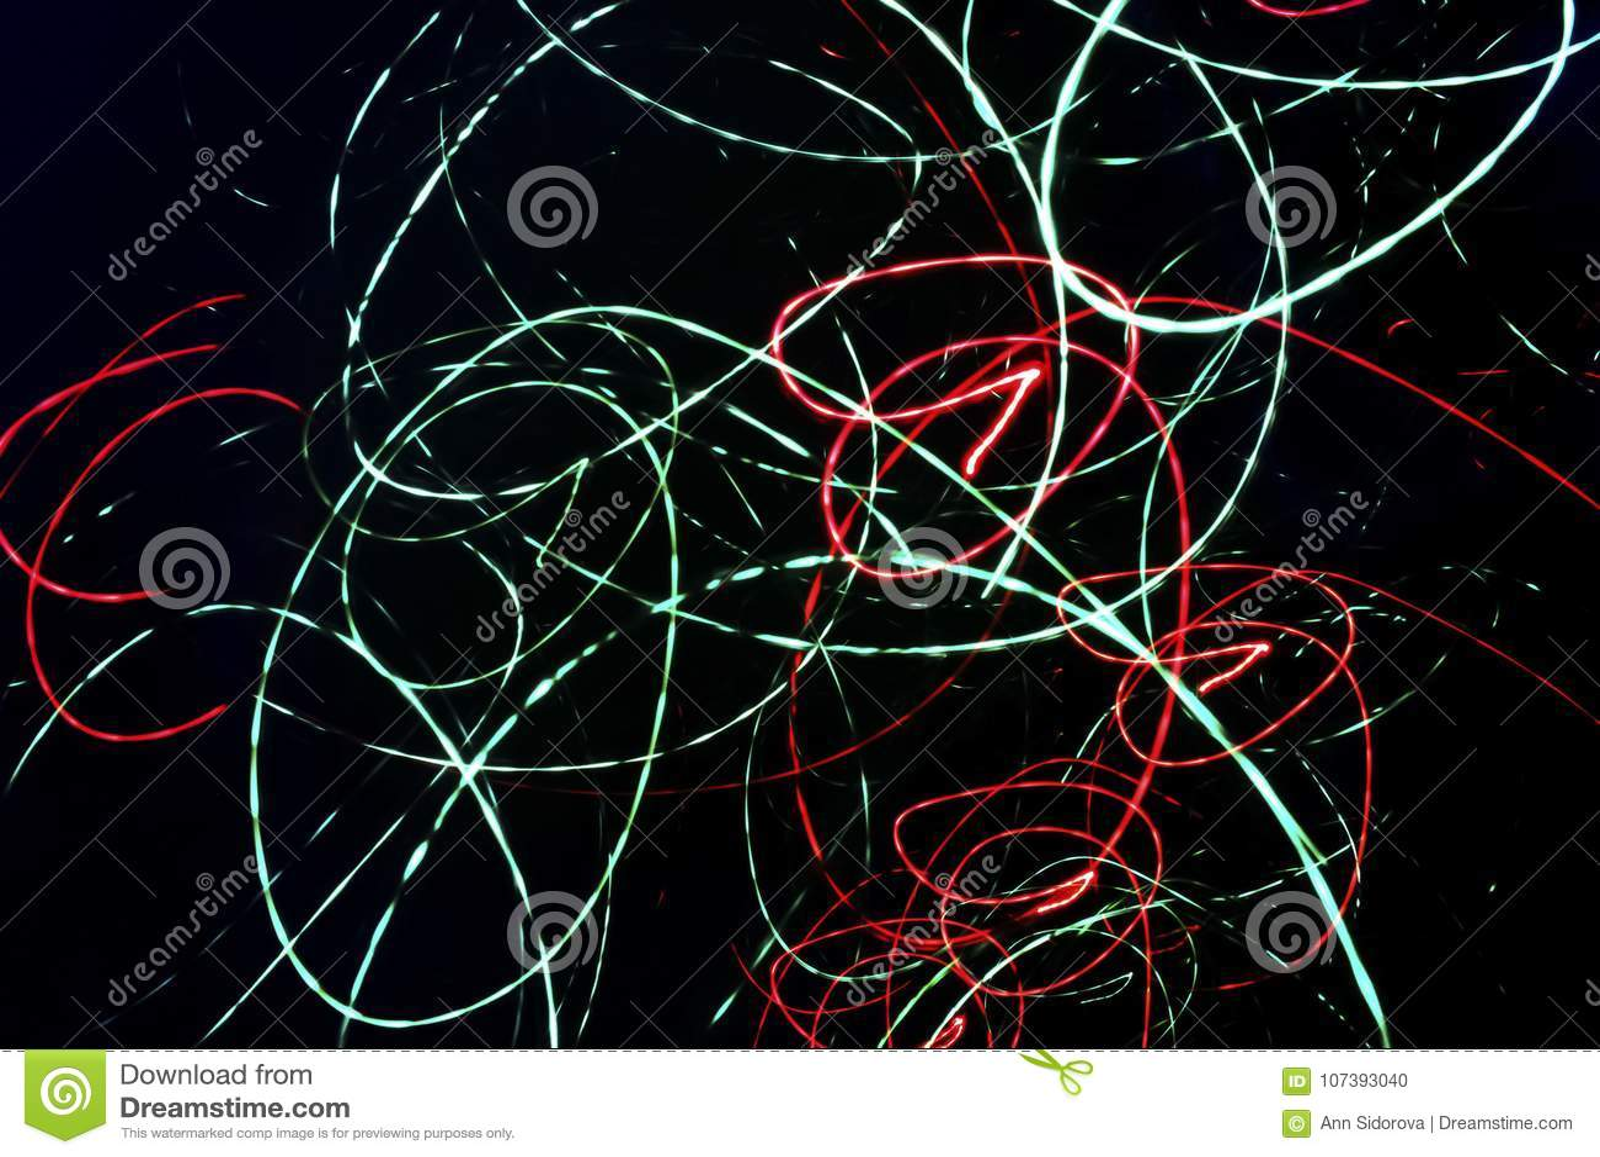 Fondo nero astratto con le linee a spirale caotiche al neon